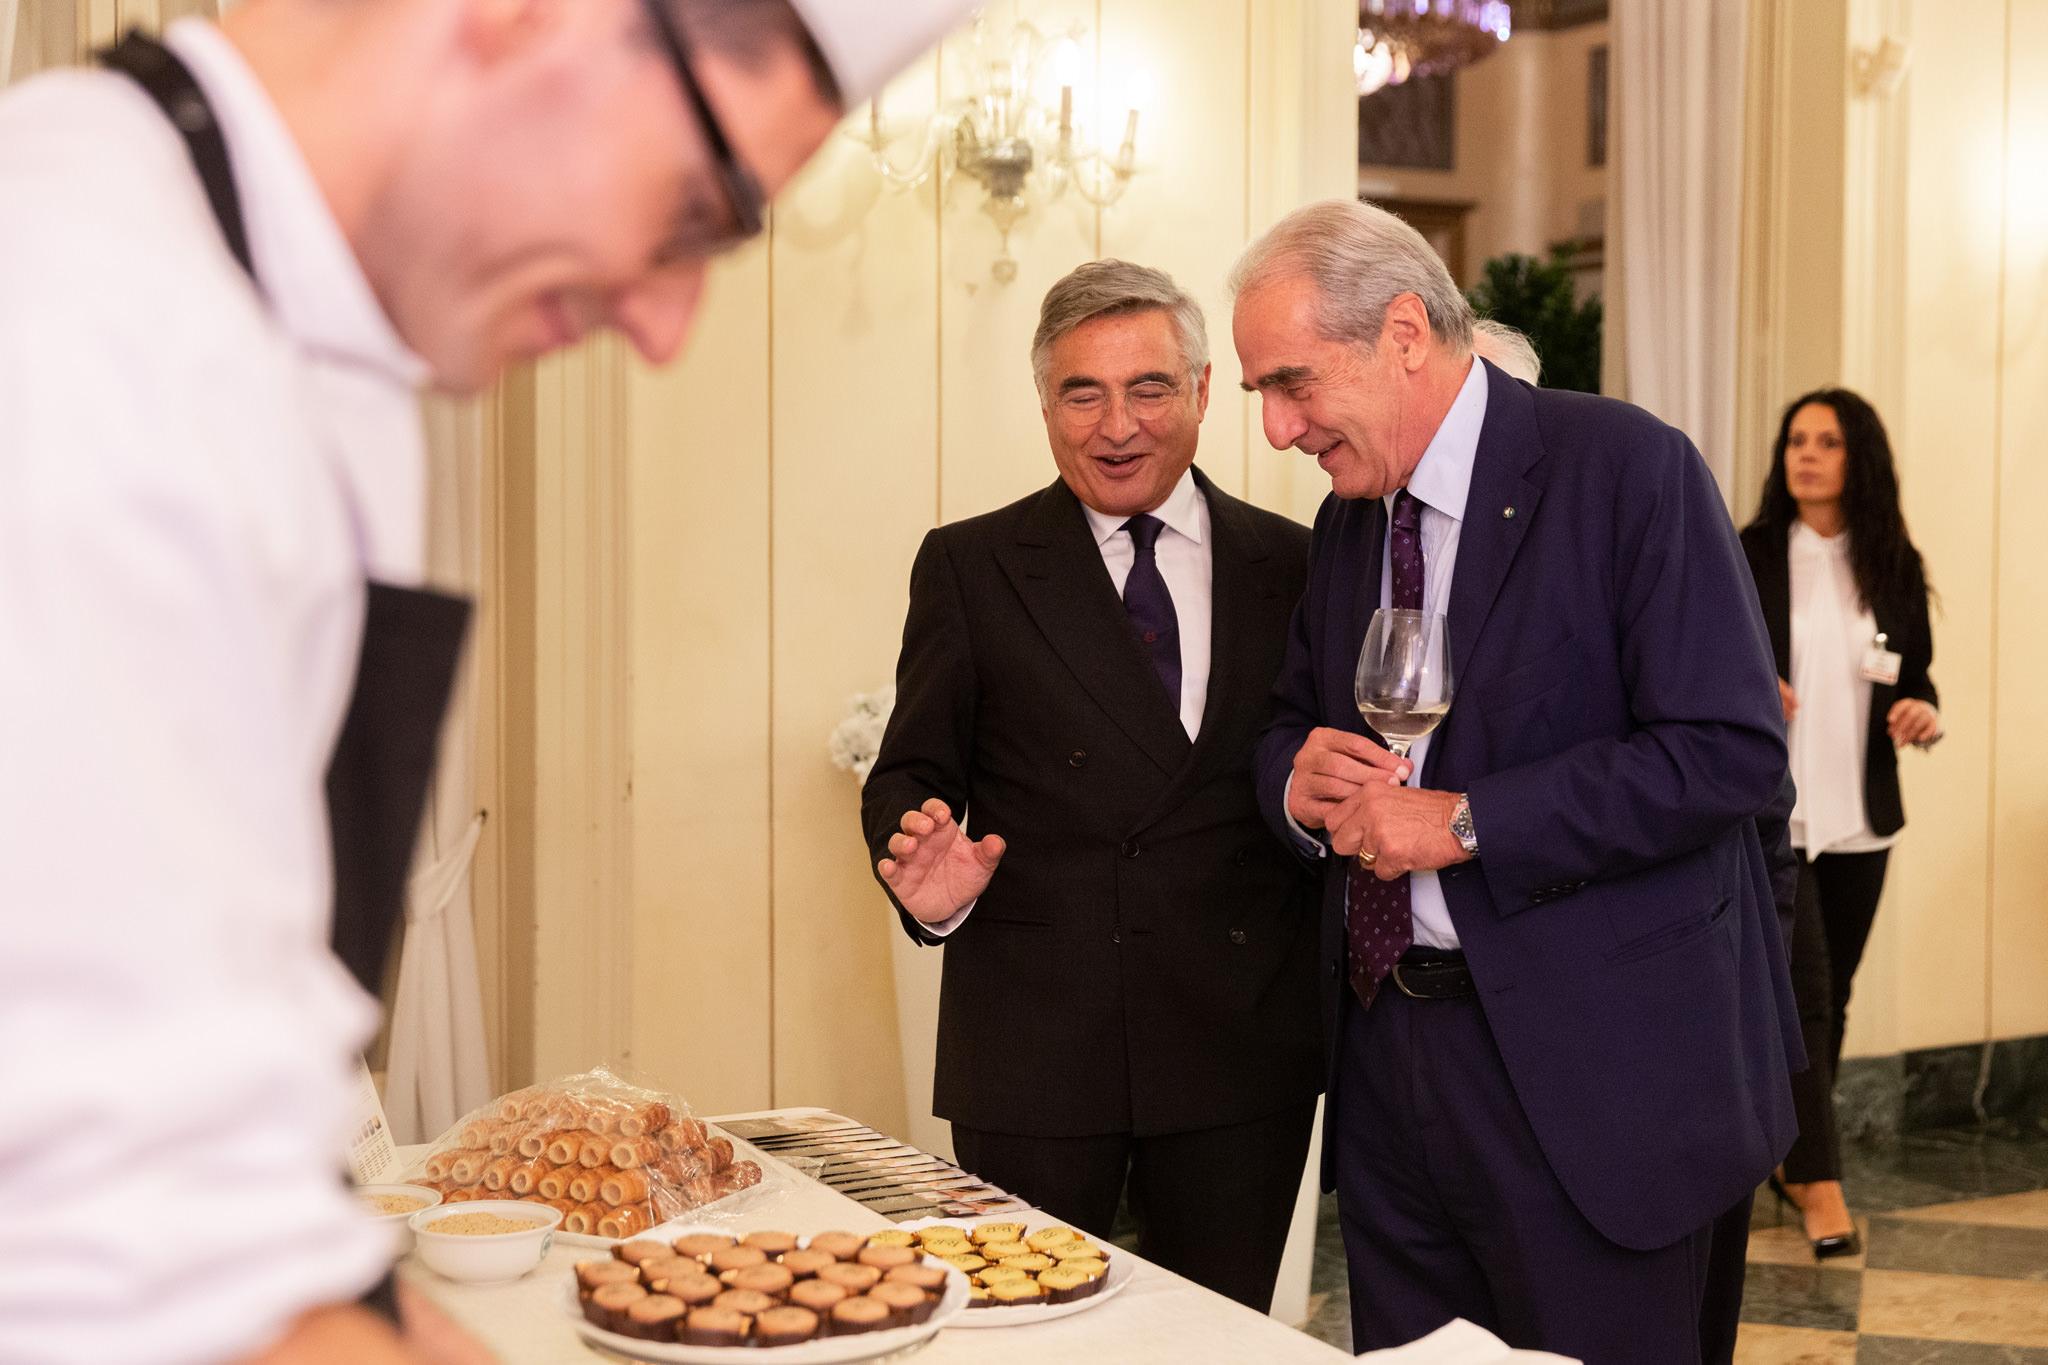 L'avvocato Raffaelli elogia i macarons della festa per i 40anni dello studio Rucellai&Raffaelli